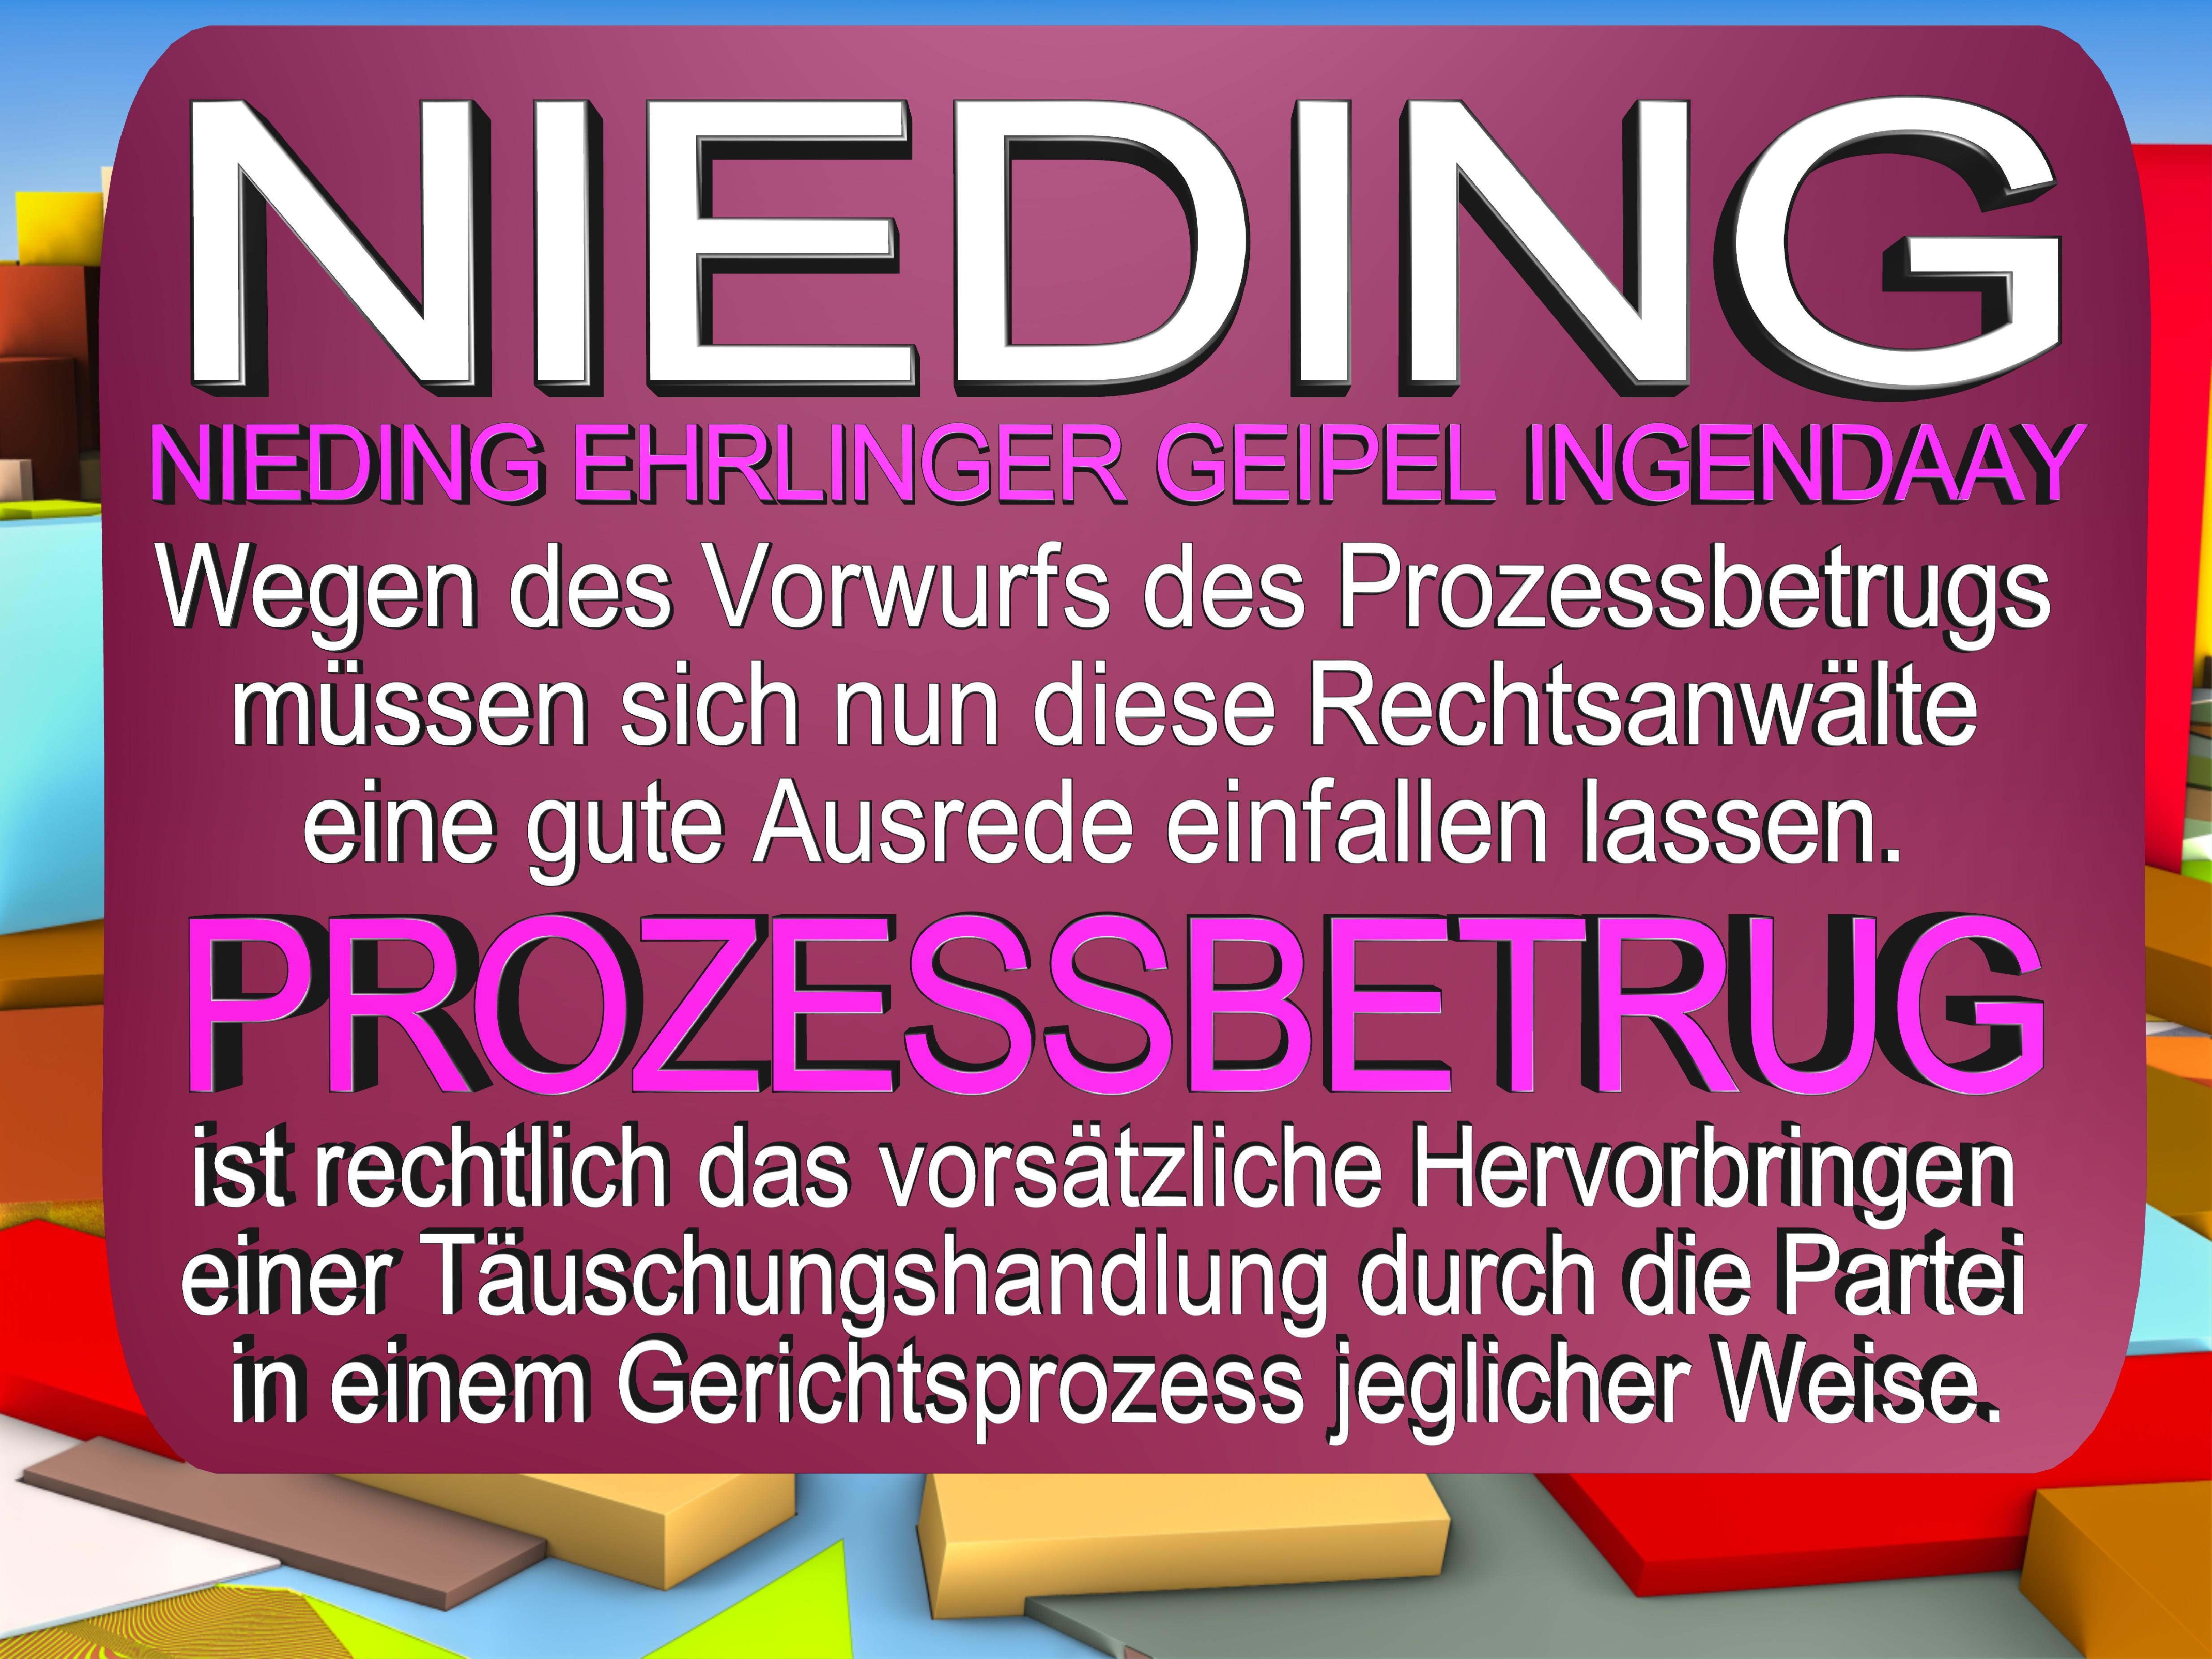 NIEDING EHRLINGER GEIPEL INGENDAAY LELKE Kurfürstendamm 66 Berlin (120)